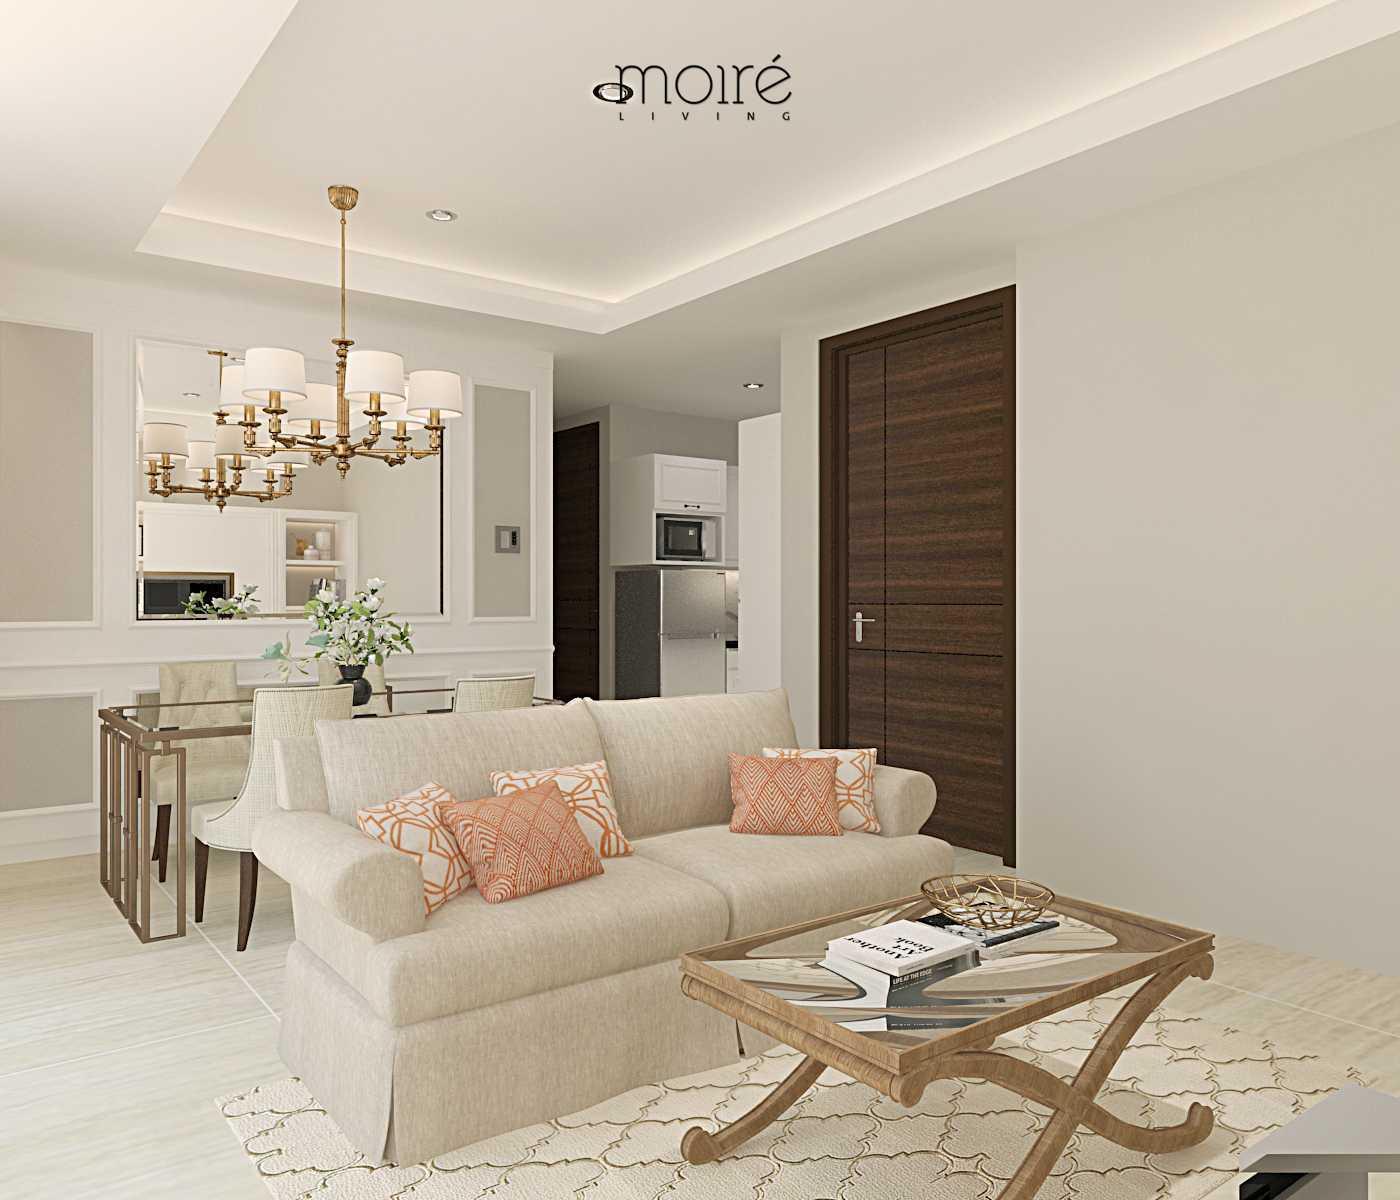 Moire Living Windsor Apartment Jakarta Barat, Kb. Jeruk, Kota Jakarta Barat, Daerah Khusus Ibukota Jakarta, Indonesia  Moire-Living-Windsor-Apartment Klasik  54864